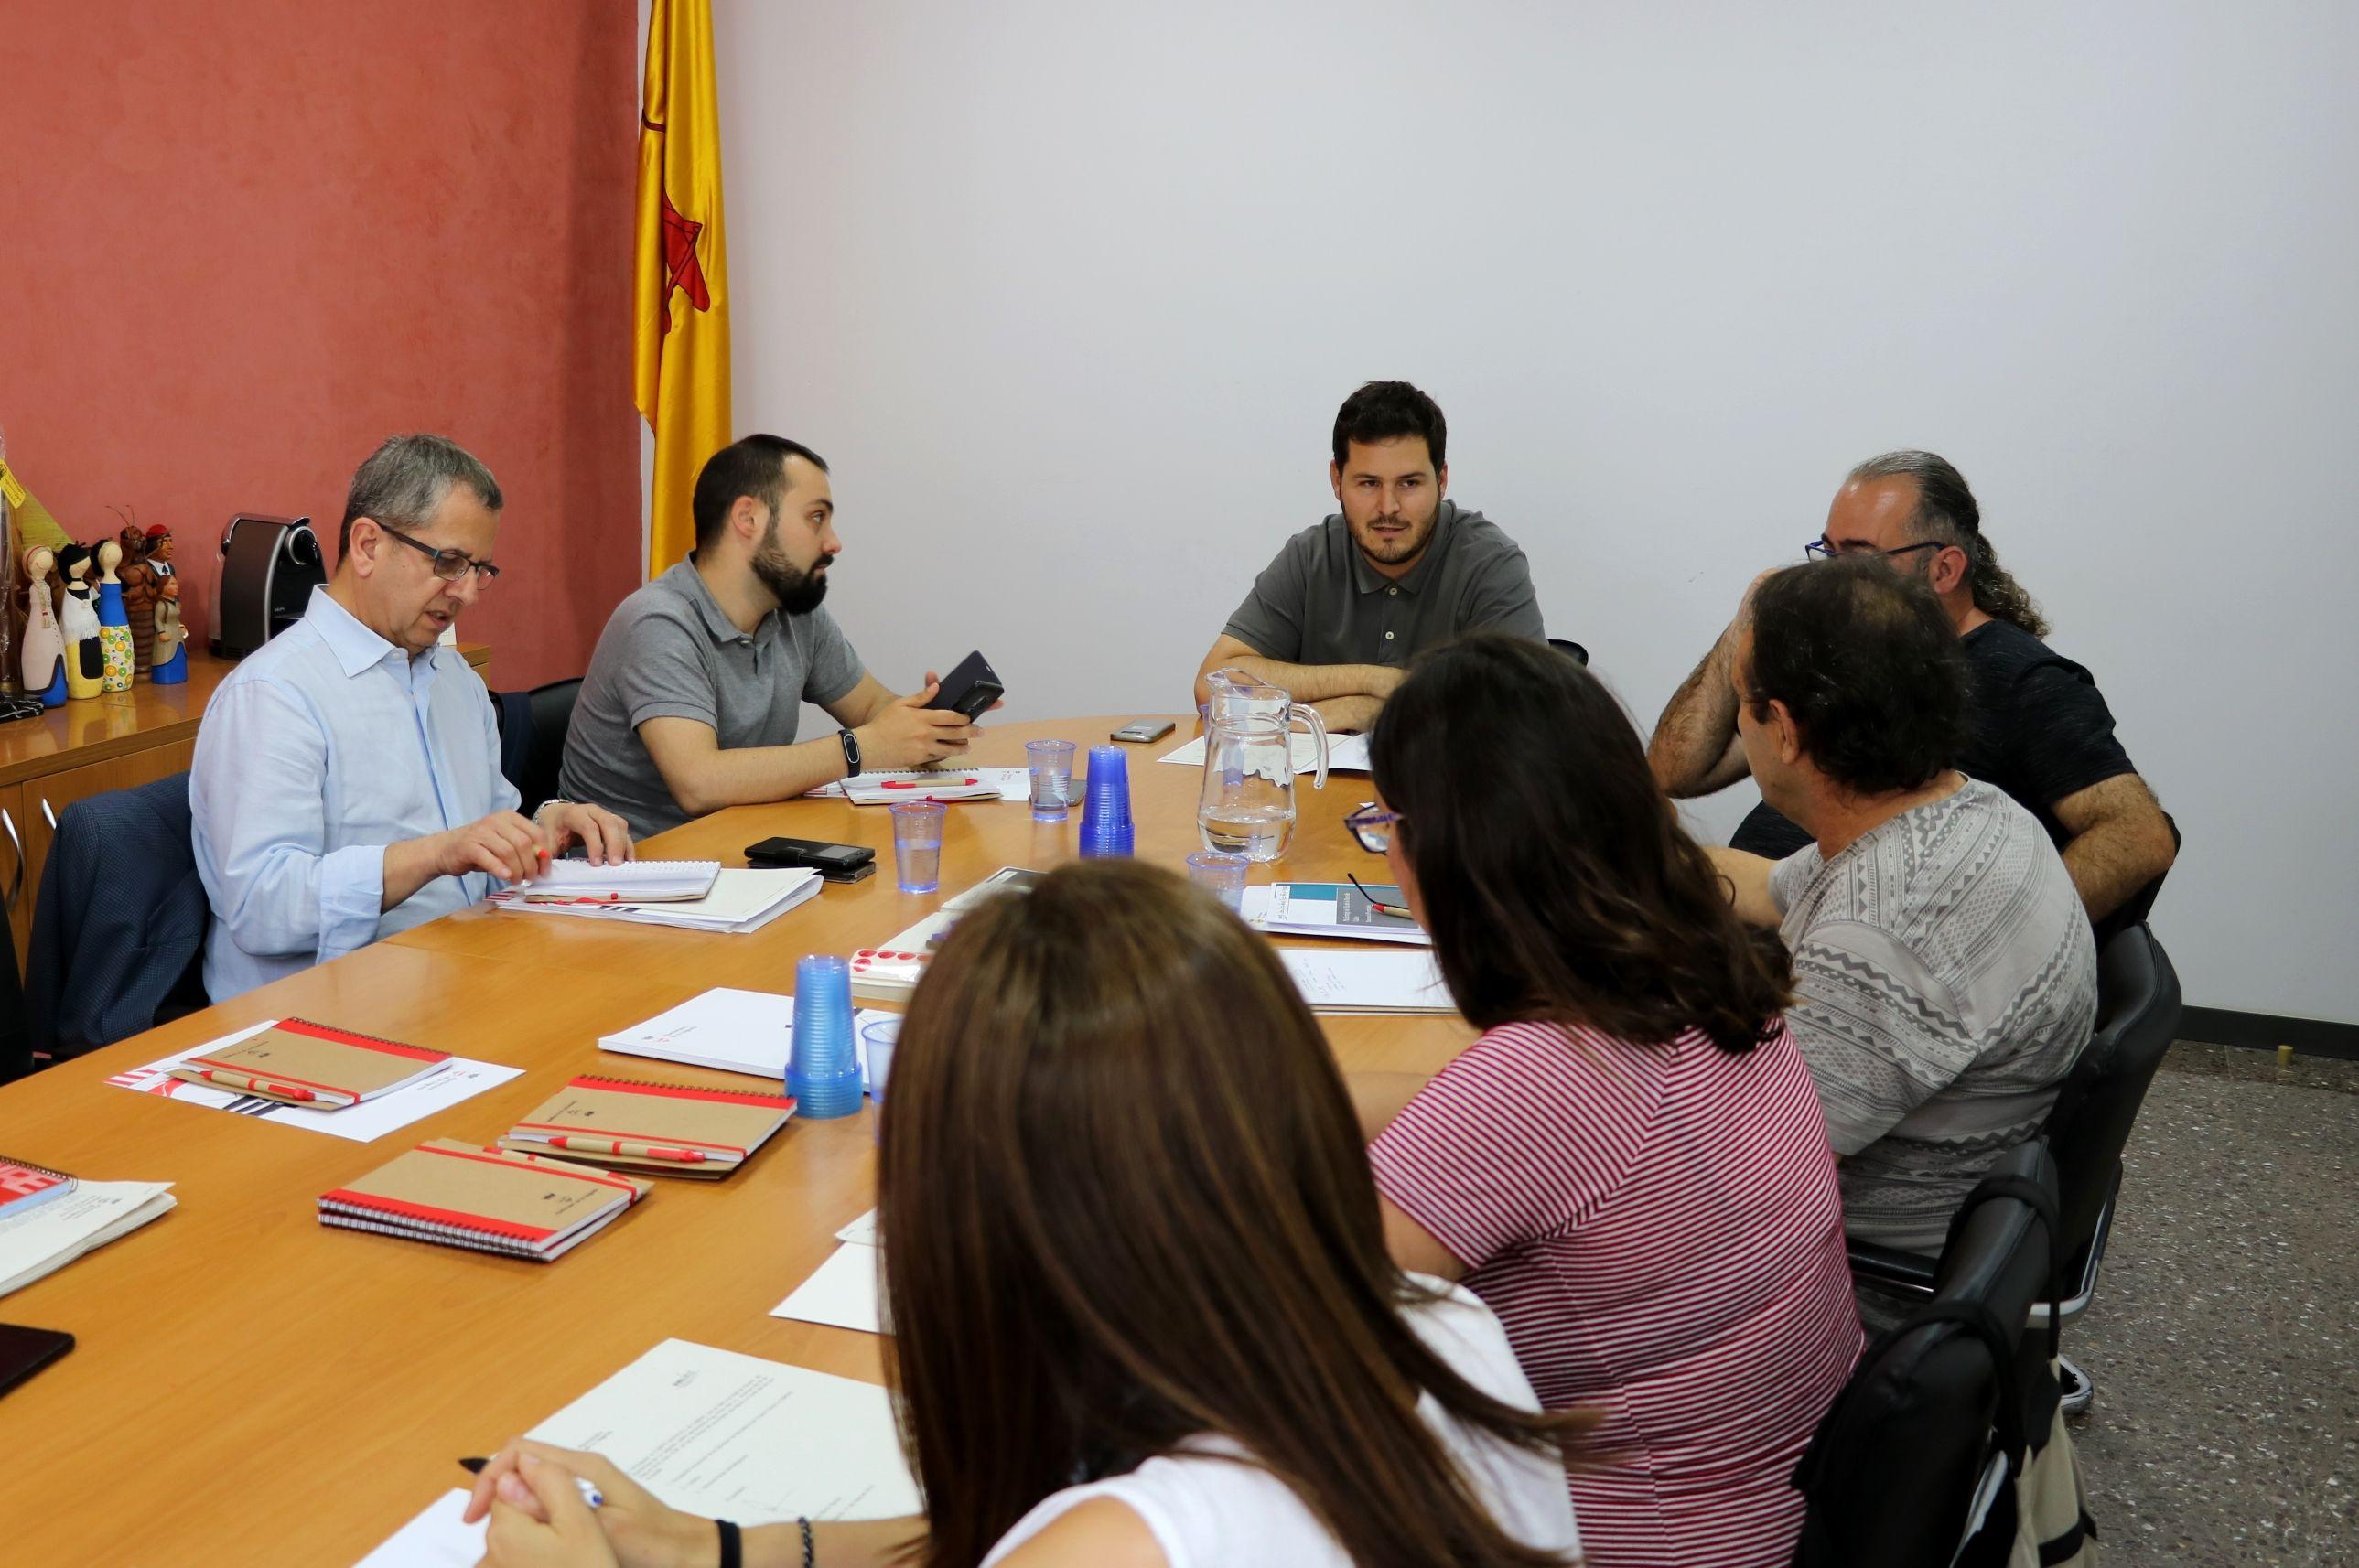 L'AMERC es reuneix a la Llagosta per prioritzar les seves línies d'actuació